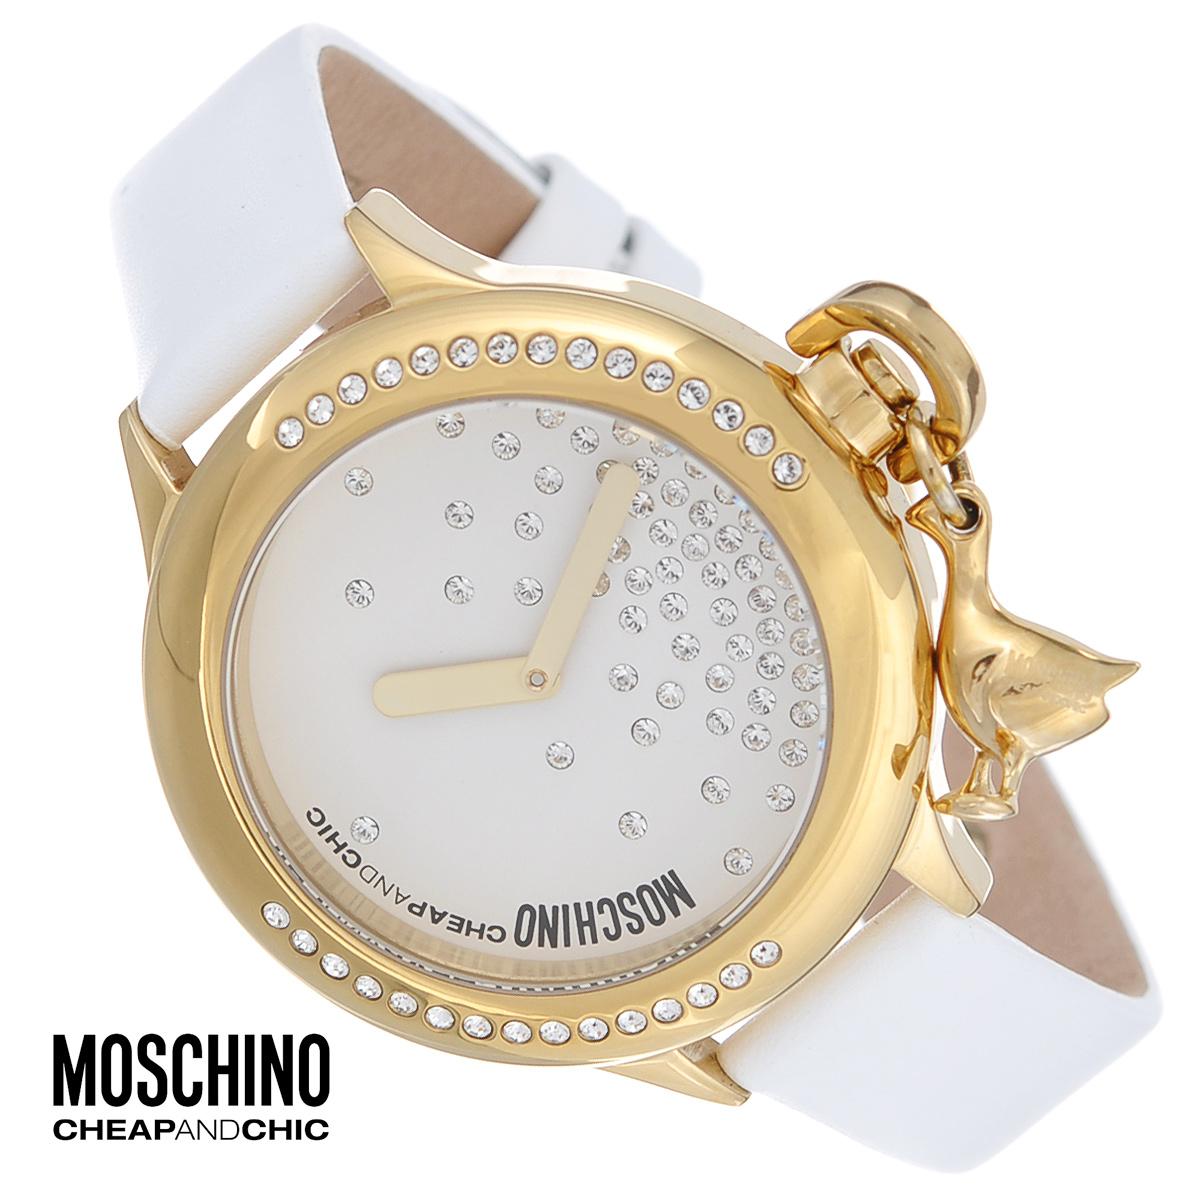 Часы женские наручные Moschino, цвет: белый, золотой. MW0044MW0044Наручные часы от известного итальянского бренда Moschino - это не только стильный и функциональный аксессуар, но и современные технологи, сочетающиеся с экстравагантным дизайном и индивидуальностью. Часы Moschino оснащены кварцевым механизмом. Корпус выполнен из высококачественной нержавеющей стали с PVD-покрытием. Циферблат декорирован россыпью кристаллов и защищен минеральным стеклом. Заводная головка оформлена подвеской в виде птицы. Часы имеют две стрелки - часовую и минутную. Ремешок часов выполнен из натуральной кожи и оснащен классической застежкой. Часы упакованы в фирменную металлическую коробку с логотипом бренда. Часы Moschino благодаря своему уникальному дизайну отличаются от часов других марок своеобразными циферблатами, функциональностью, а также набором уникальных технических свойств. Каждой модели присуща легкая экстравагантность, самобытность и, безусловно, великолепный вкус. Характеристики: Диаметр...